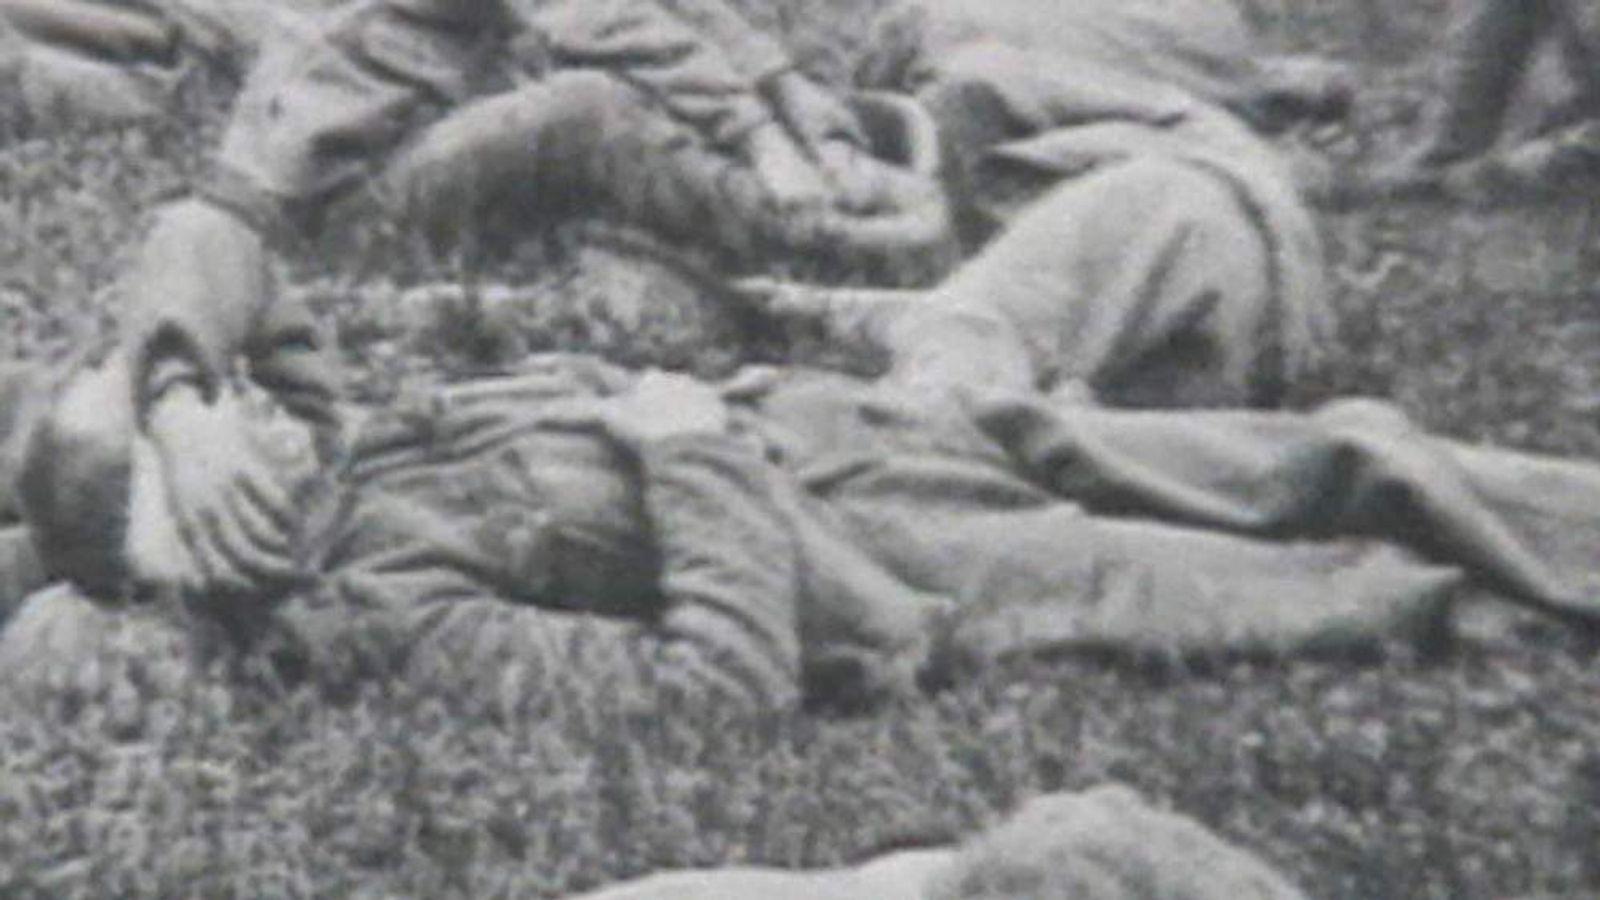 A First World War gas attack